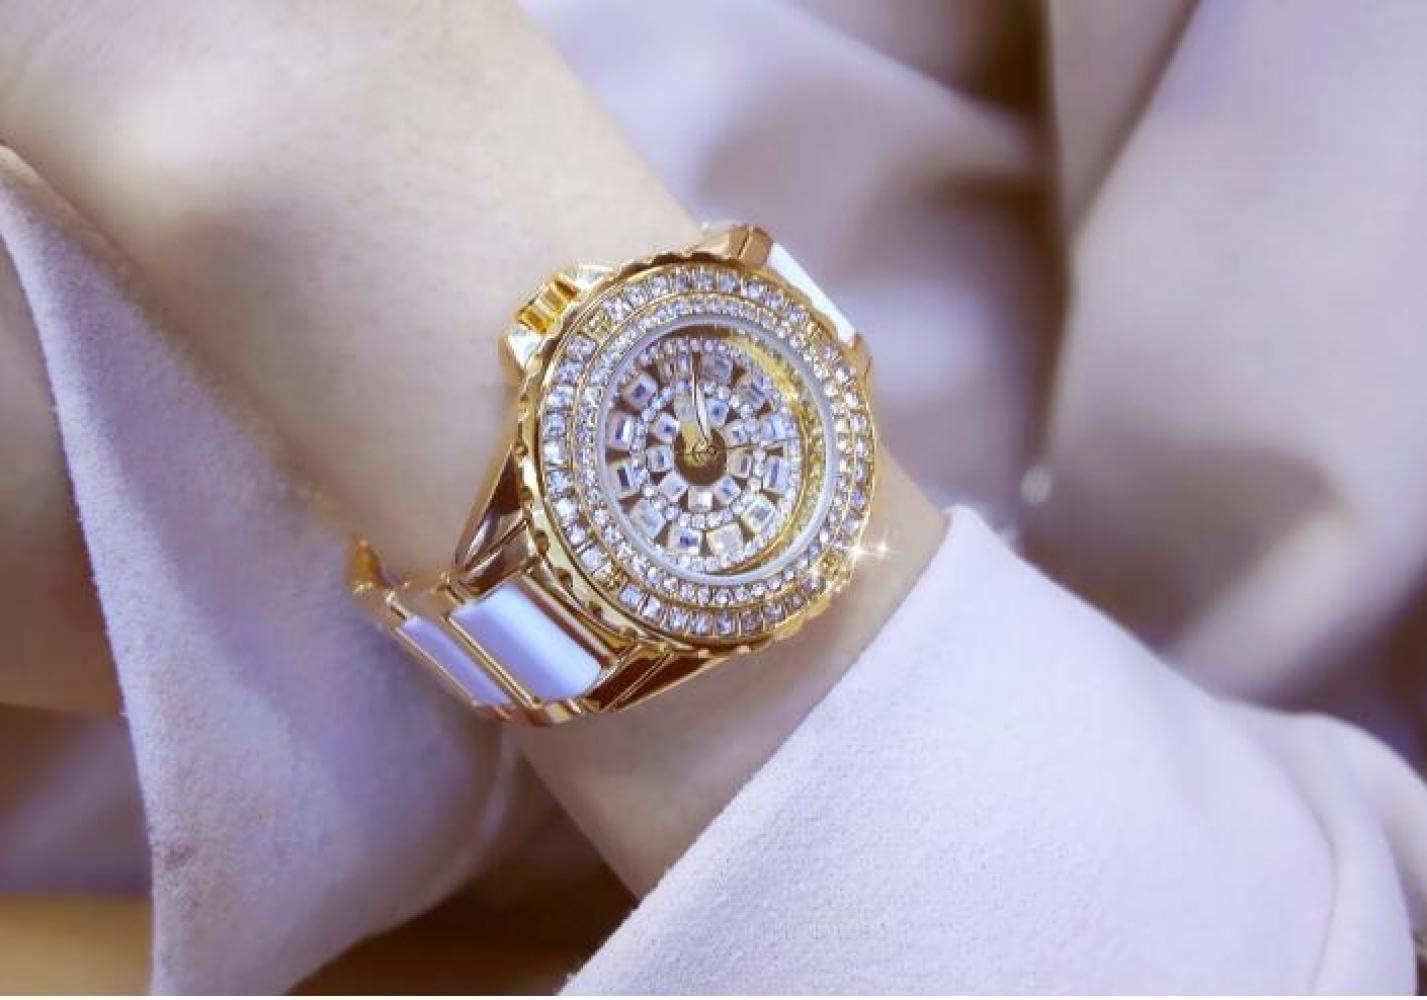 QSM Mira El Reloj De Mujer De Marca De Diamante Completo Personalizado De La Lista Enlazada De Gama Alta, Reloj De Temperamento De Los Hombres, Reloj Deportivo Al Aire Libre